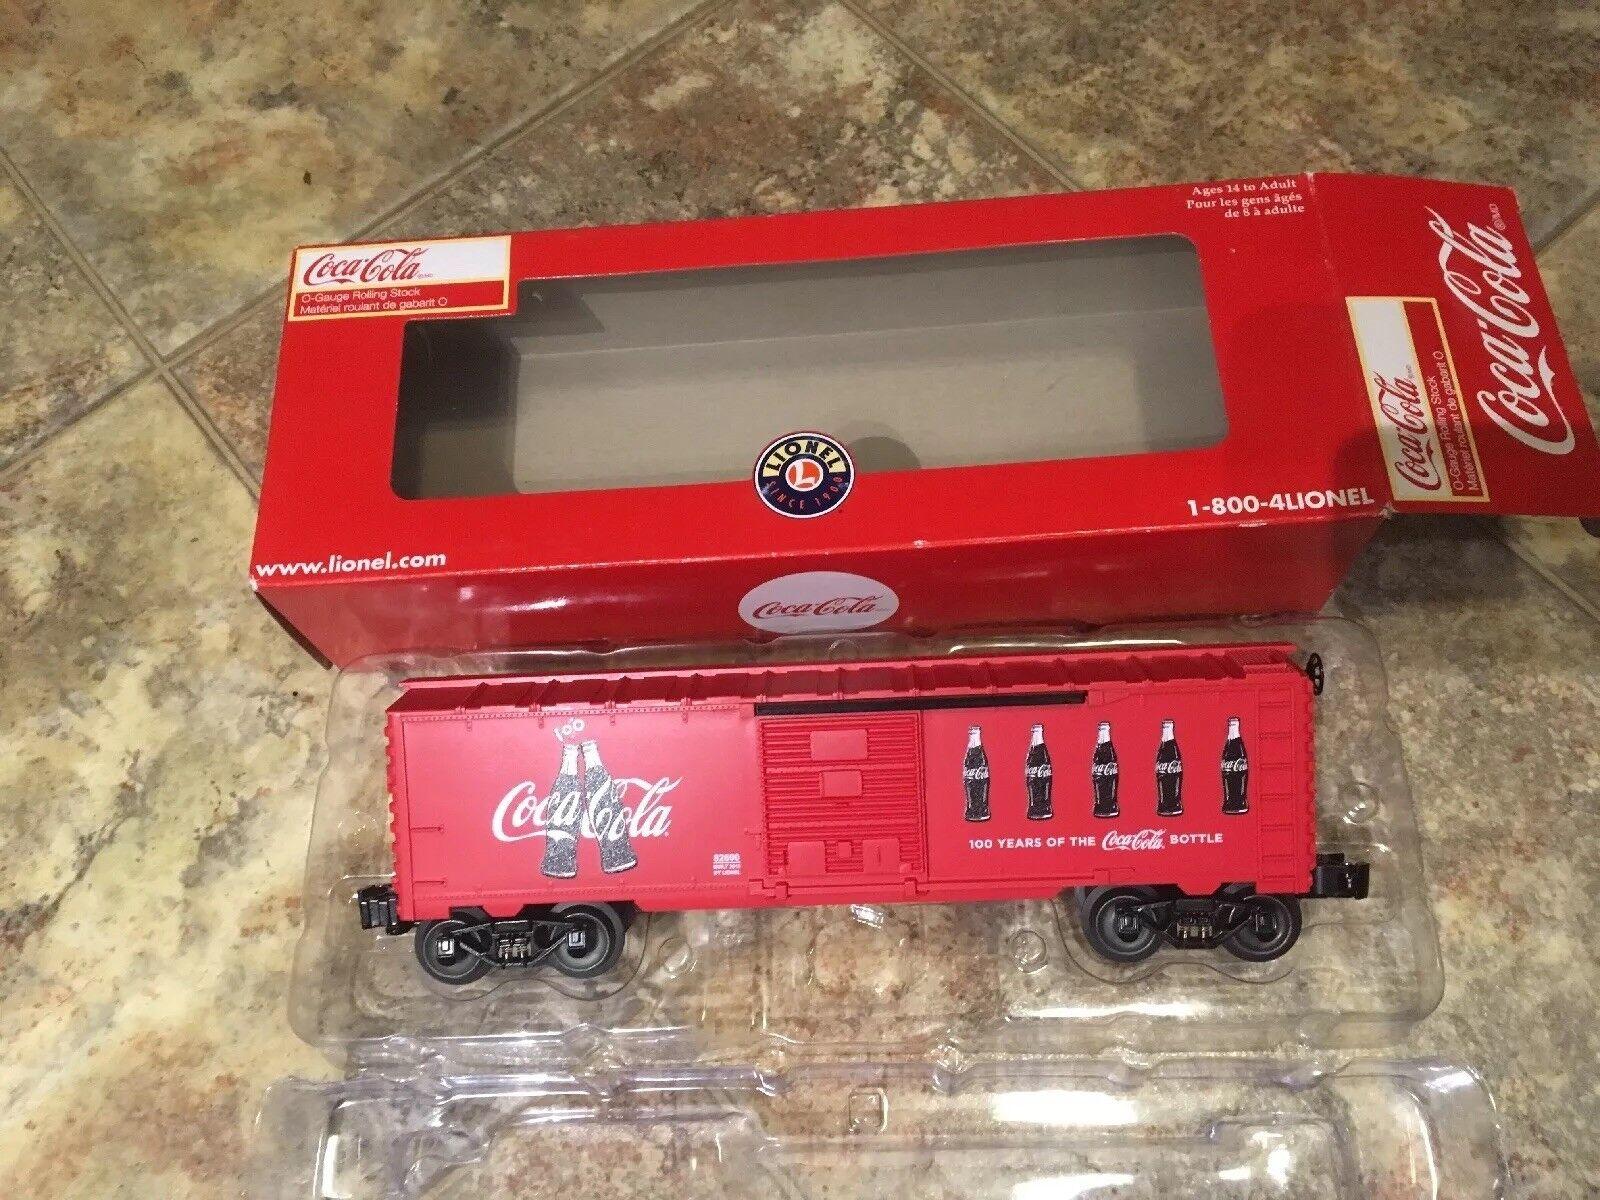 Lionel 6-82690 Aniversario De Coca Cola Botella Caja Auto o calibre Hecho en EE. UU.